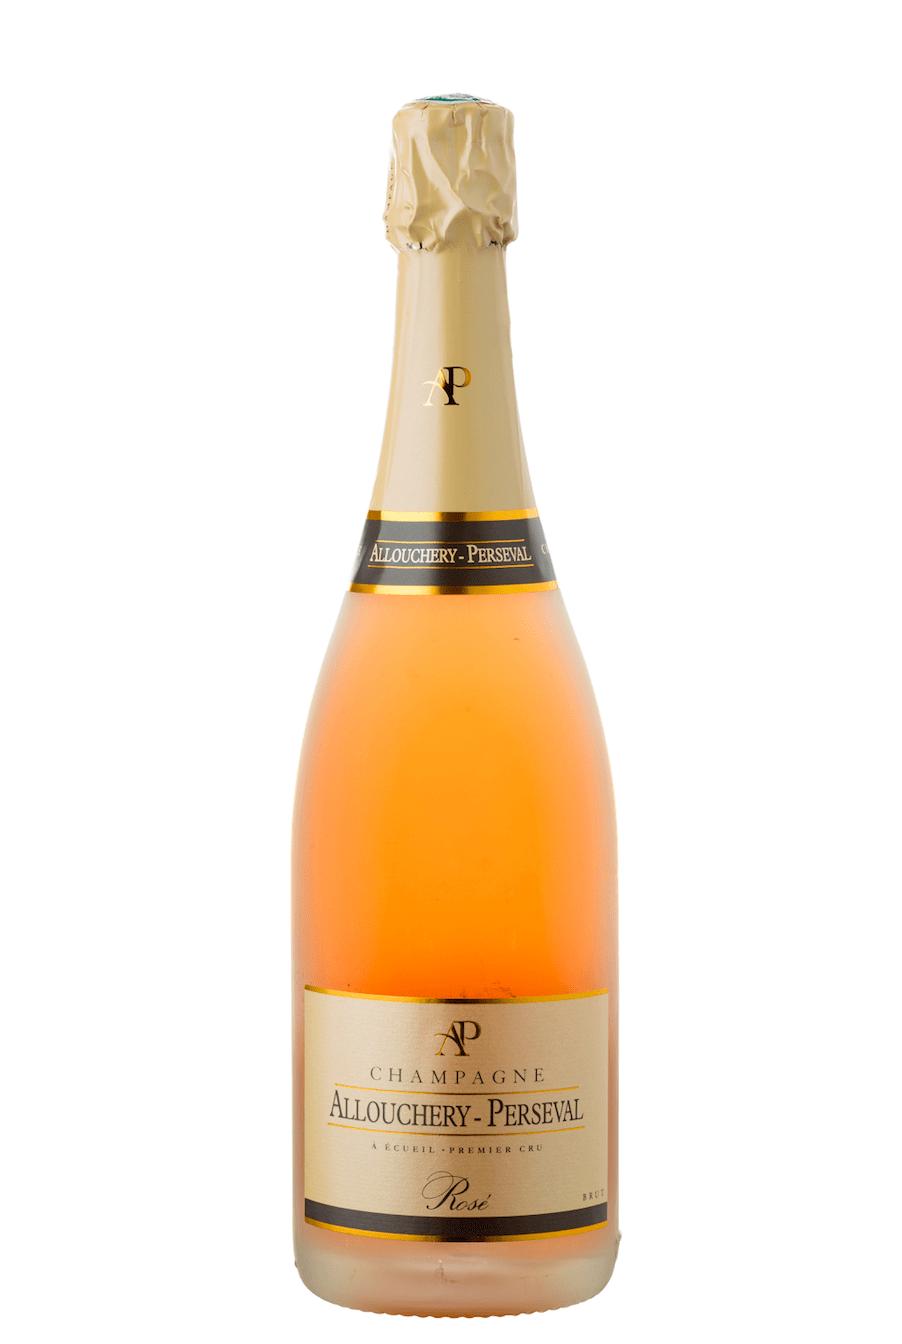 Allouchery-Perceval champagne de vignerons